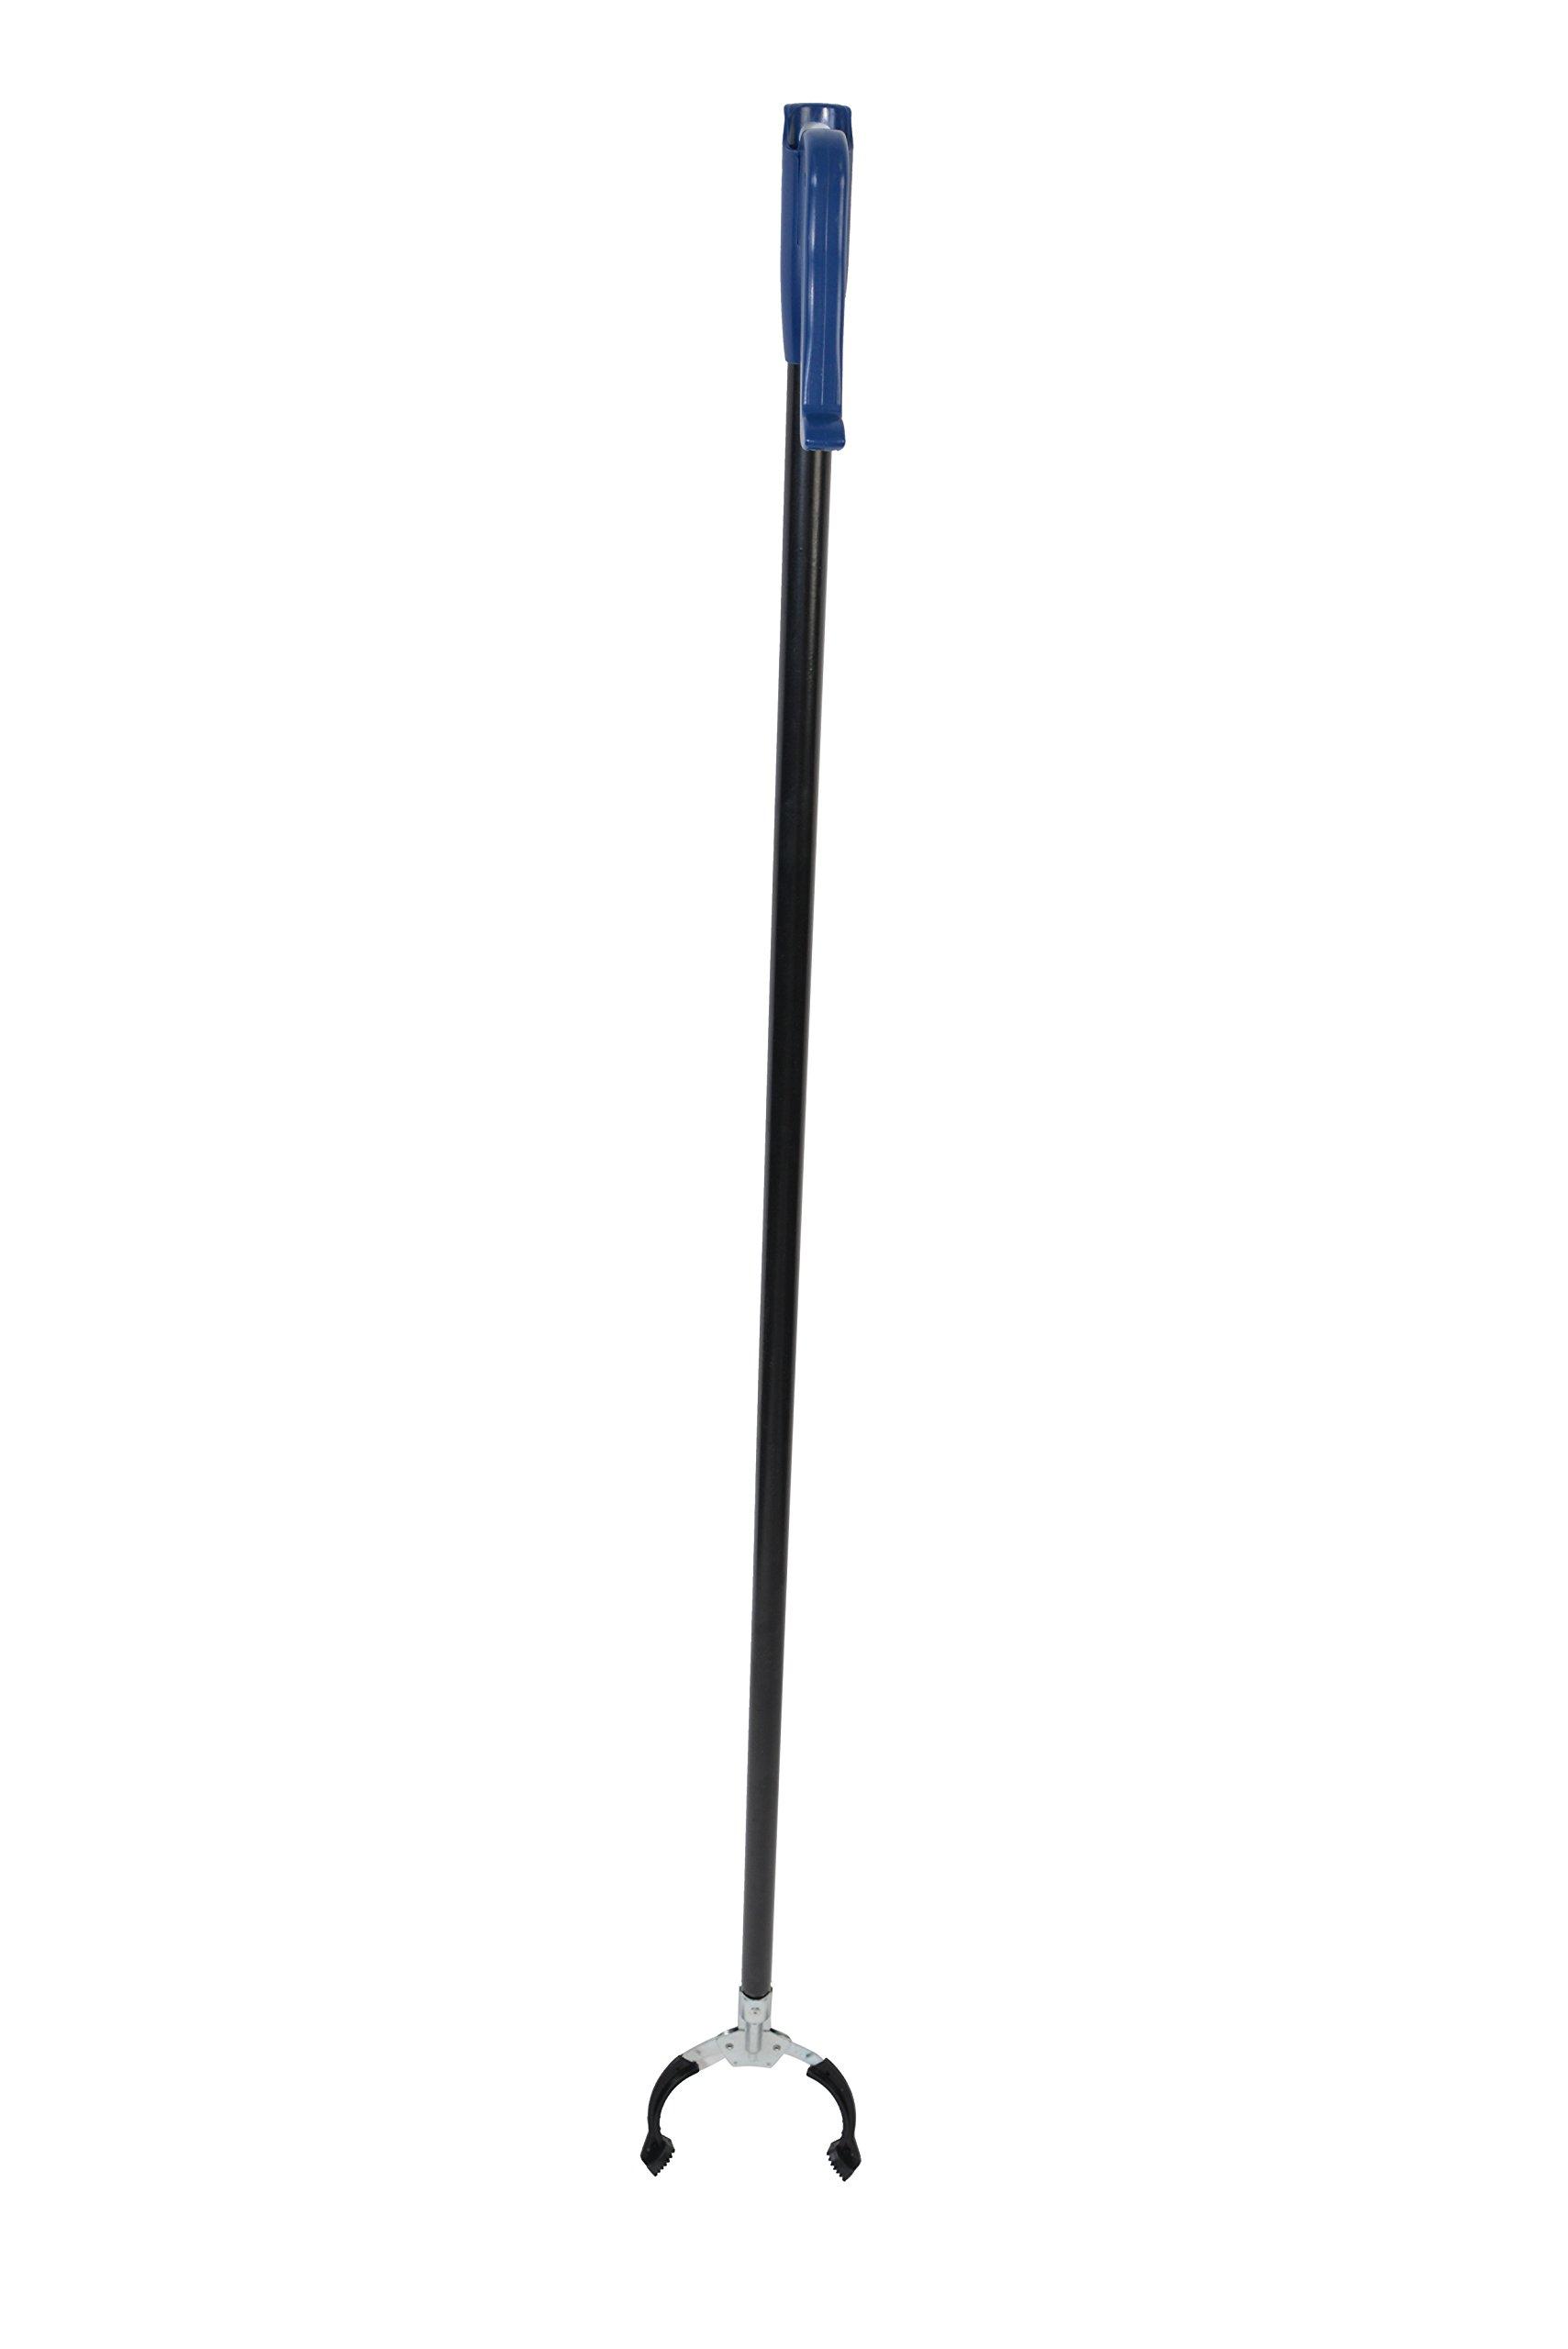 Janico 4870 Pickup Tool Richer Grabber, 36'' Length (Black, Pack of 1)